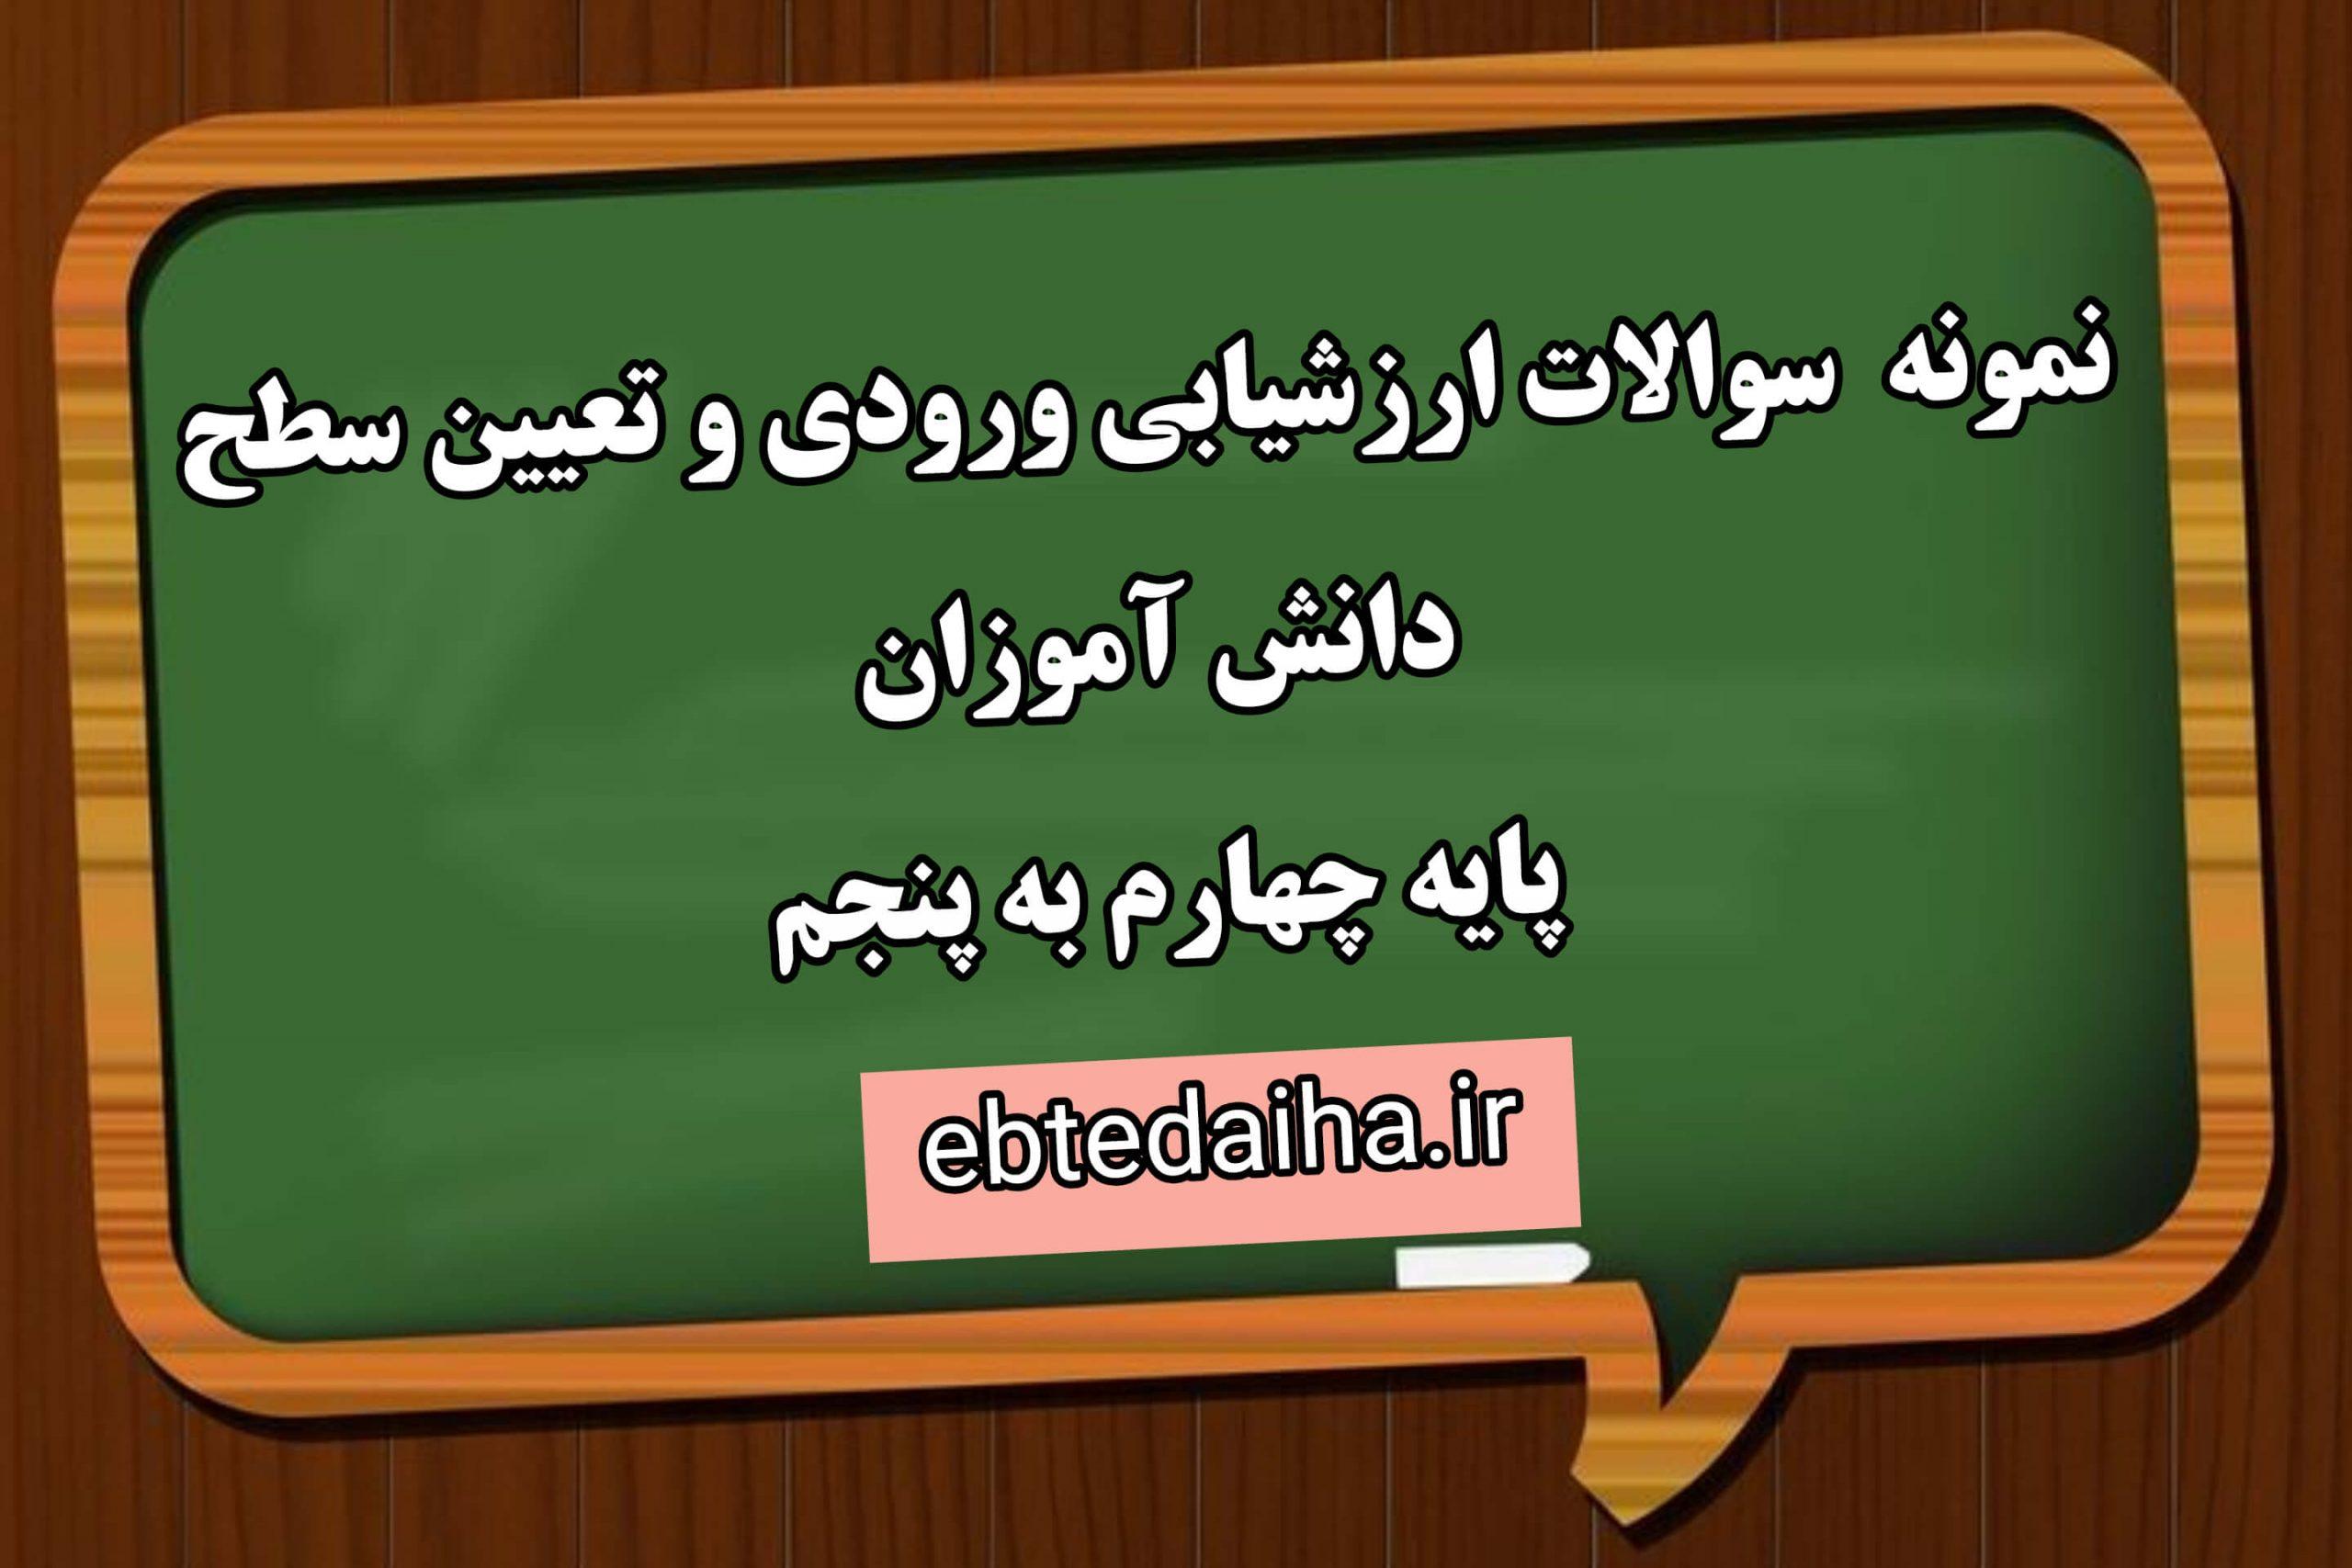 نمونه سوالات ارزشیابی ورودی دروی ریاضی فارسی علوم پایه چهارم به پنجم شماره 1